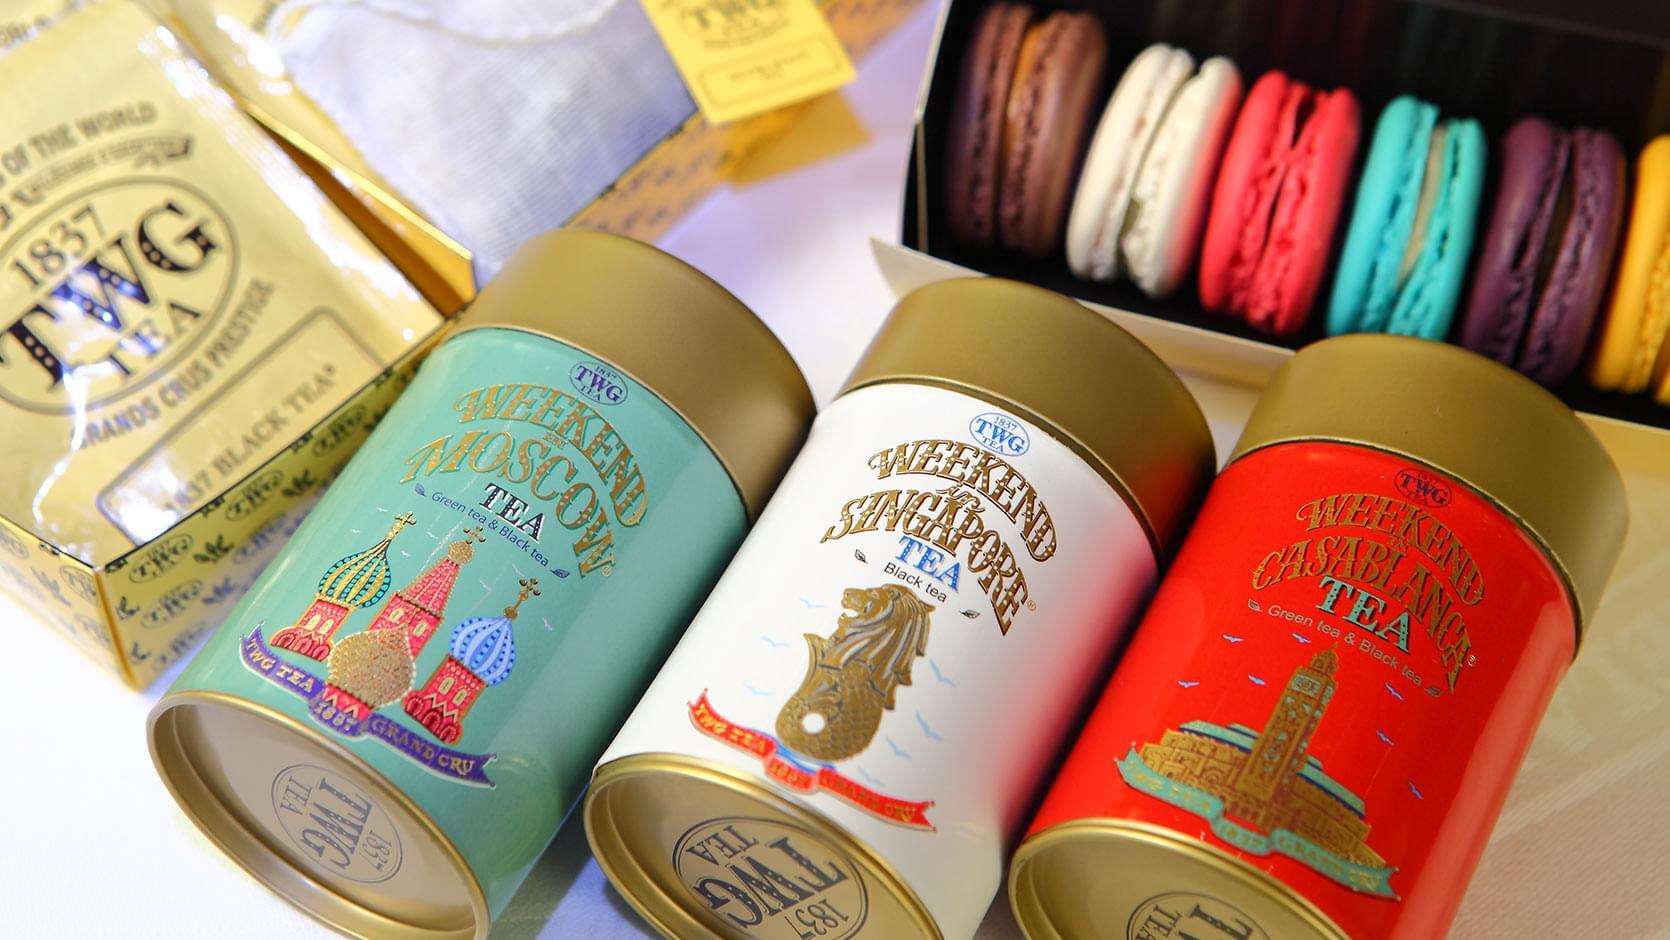 シンガポールの人気お土産15選!おすすめのマーライオングッズやスーパーで買えるお菓子、コスメも!